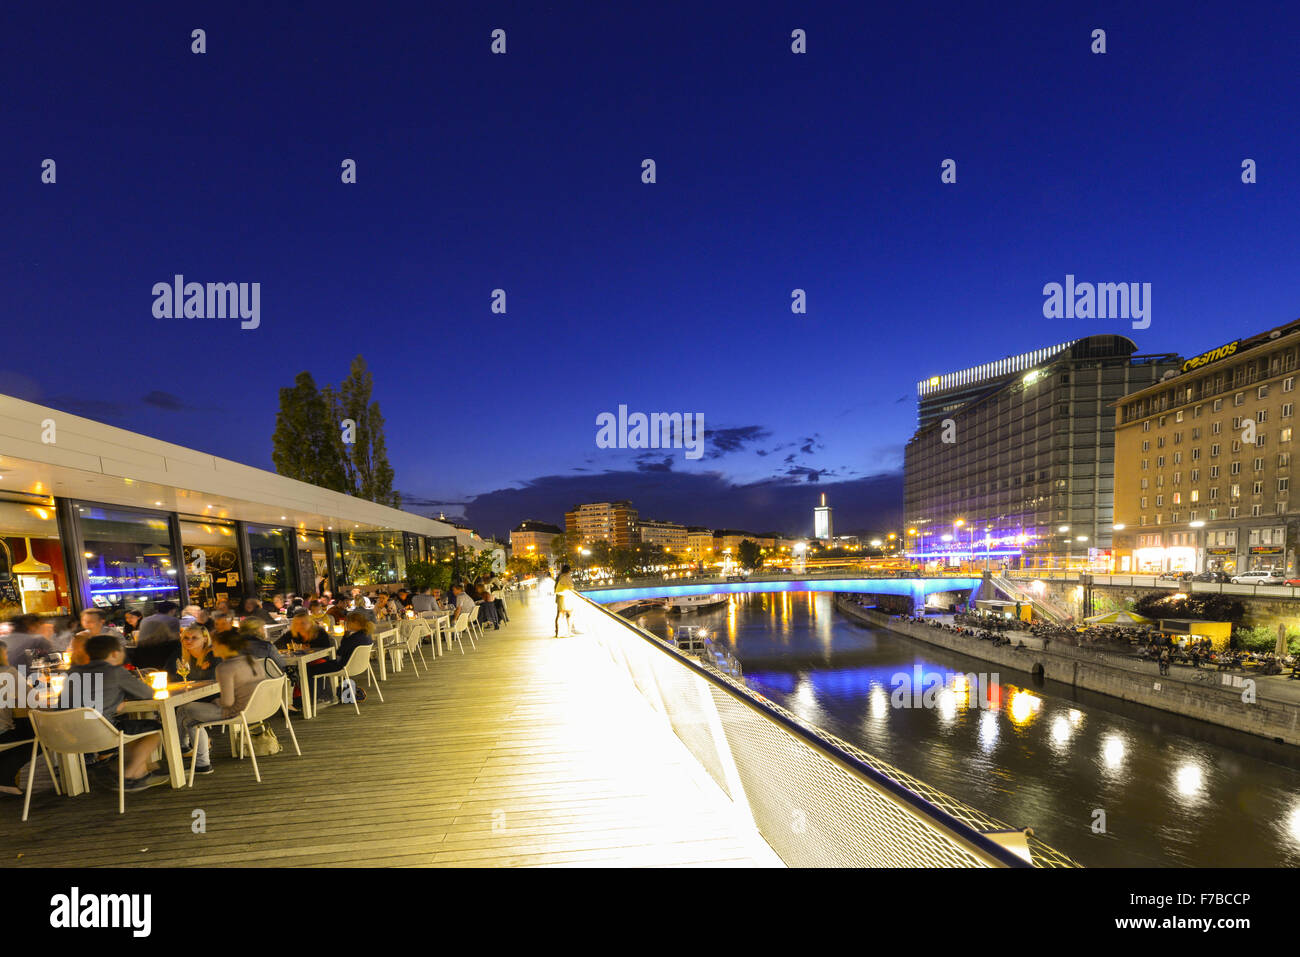 Le canal du Danube, Vienne, Autriche Photo Stock